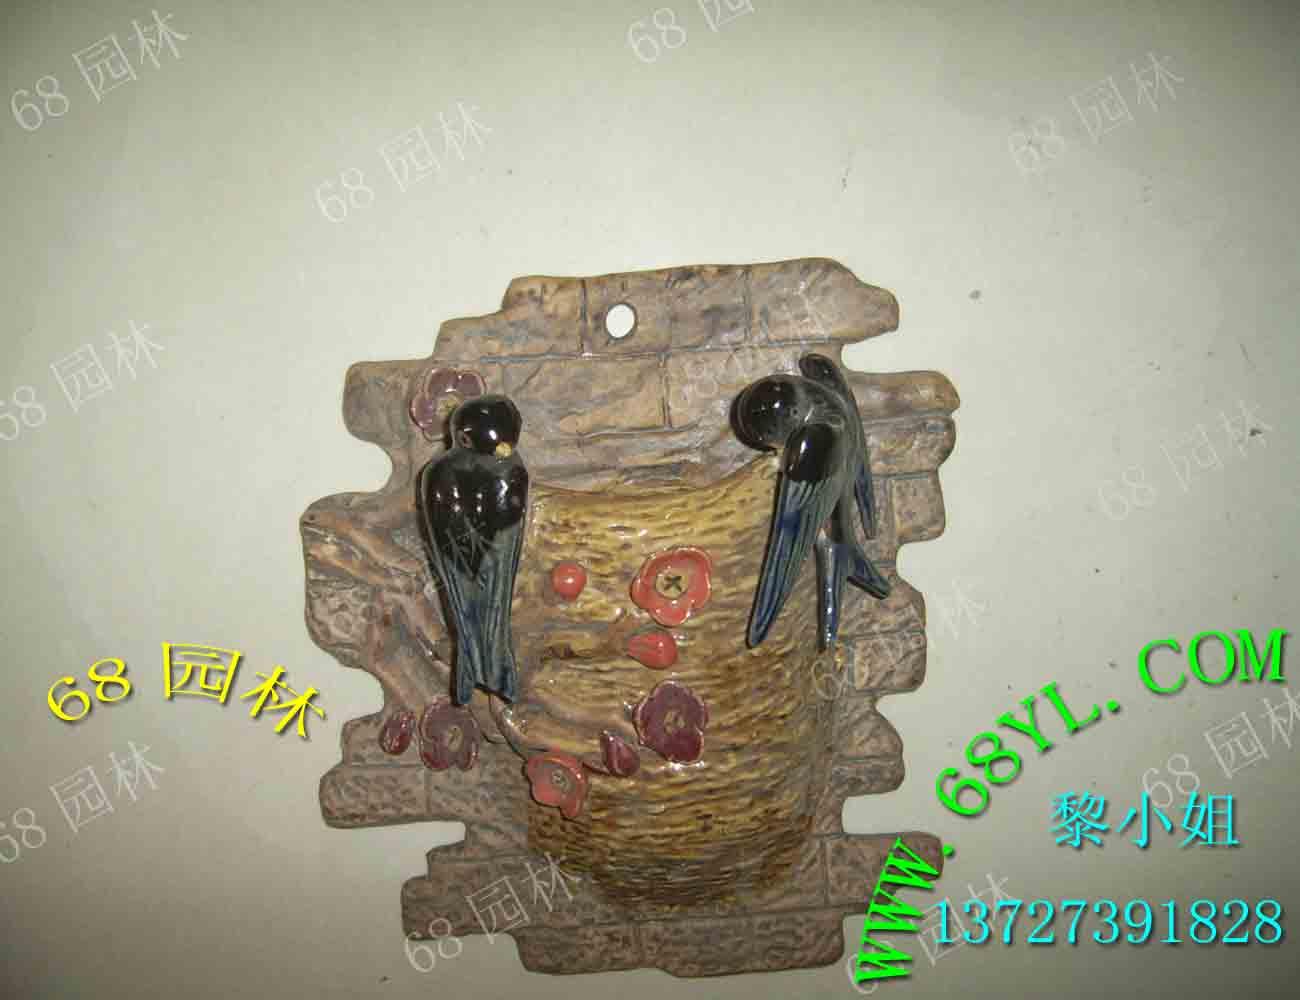 陶瓷挂件墙上花槽挂件装饰挂件种花天然漂亮批发